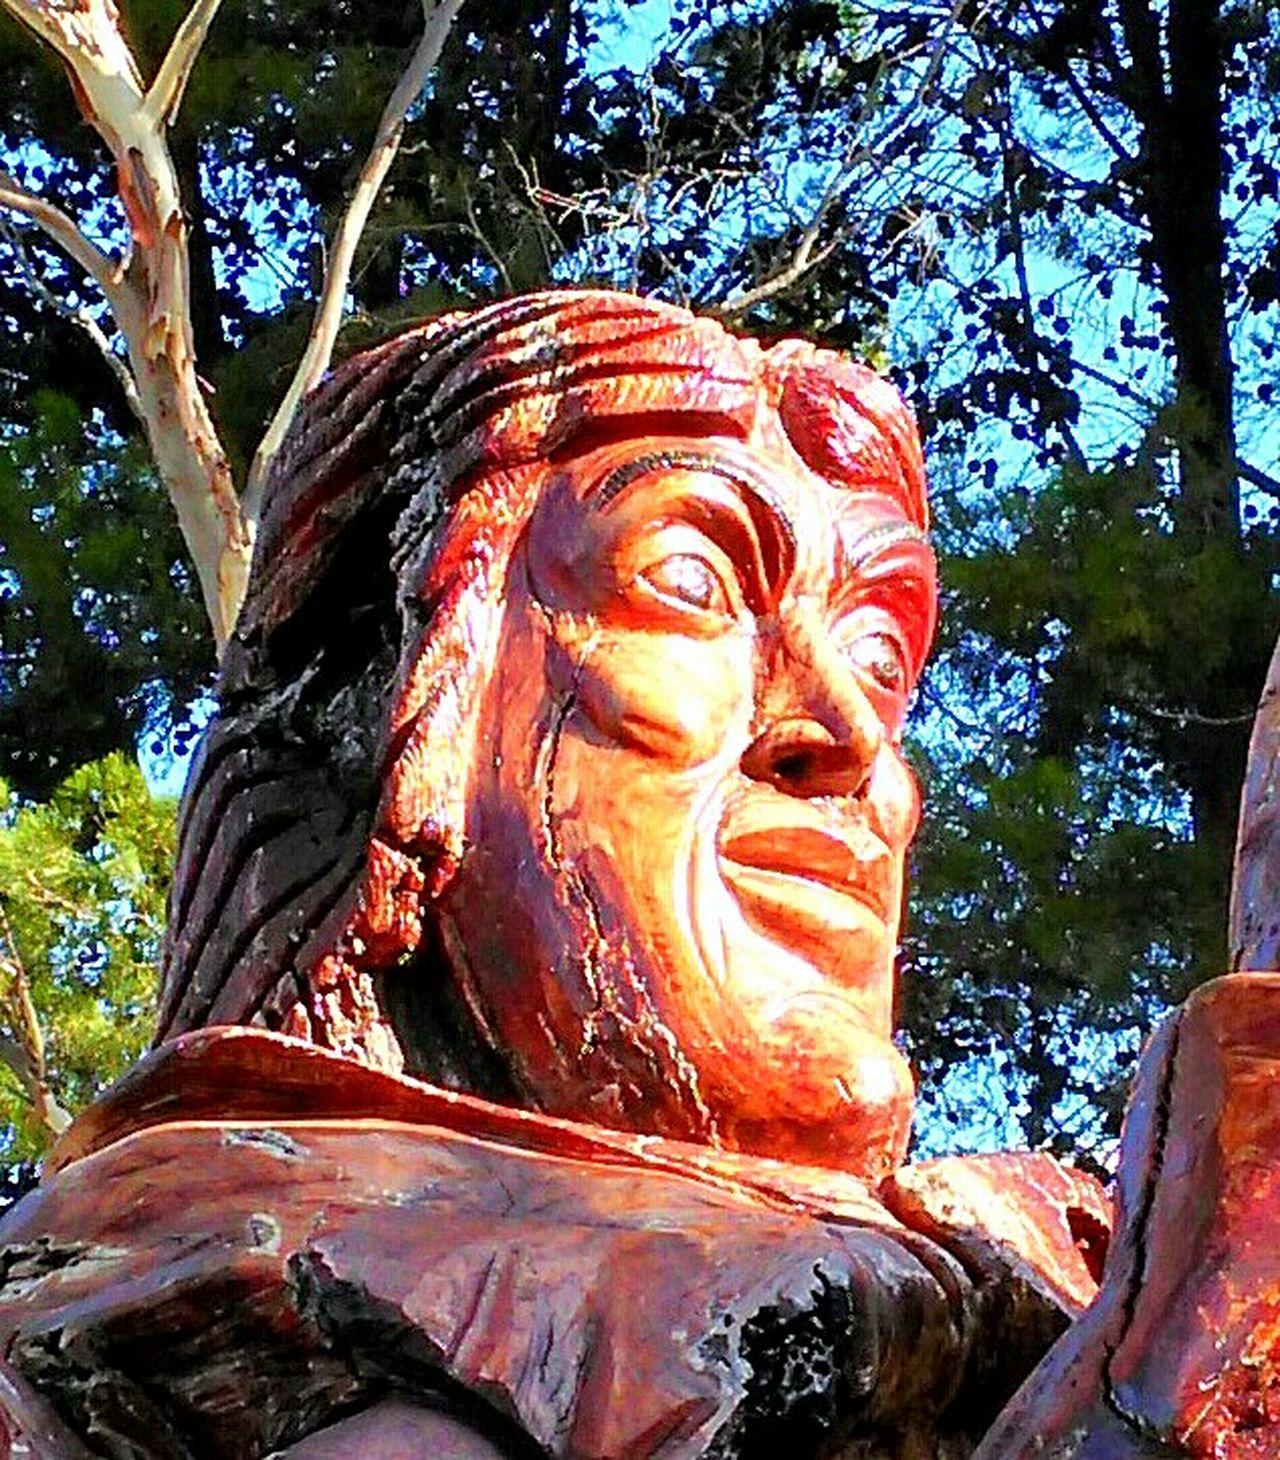 Wooden Sculpture Treen Carved Wooden Figures Wood Carving Redgum Sculpture TreenSculptures Wood Art Art Carved Wooden Figure Wood Carving Art Wooden Art Carved Tree Tree Carving Carved In Wood Carved Wood Woodwork  ArtWork WoodArt TreenArt Carvedwoodenfigures Carvedinwood Wooden Sculpure Wood Treenporn